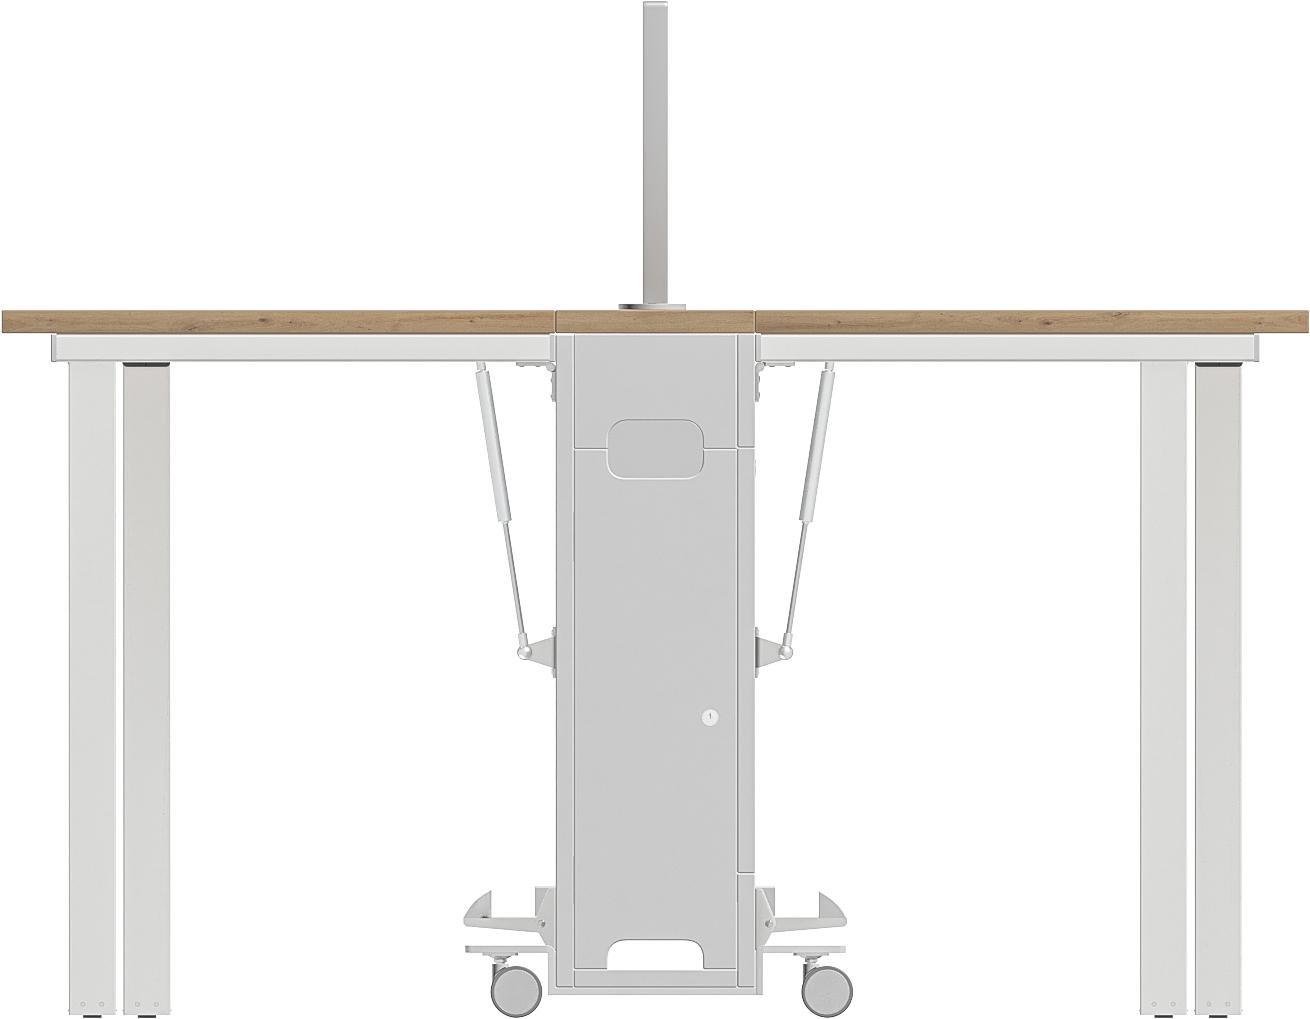 Postes de réunion mobiles aux dimensions ergonomiques